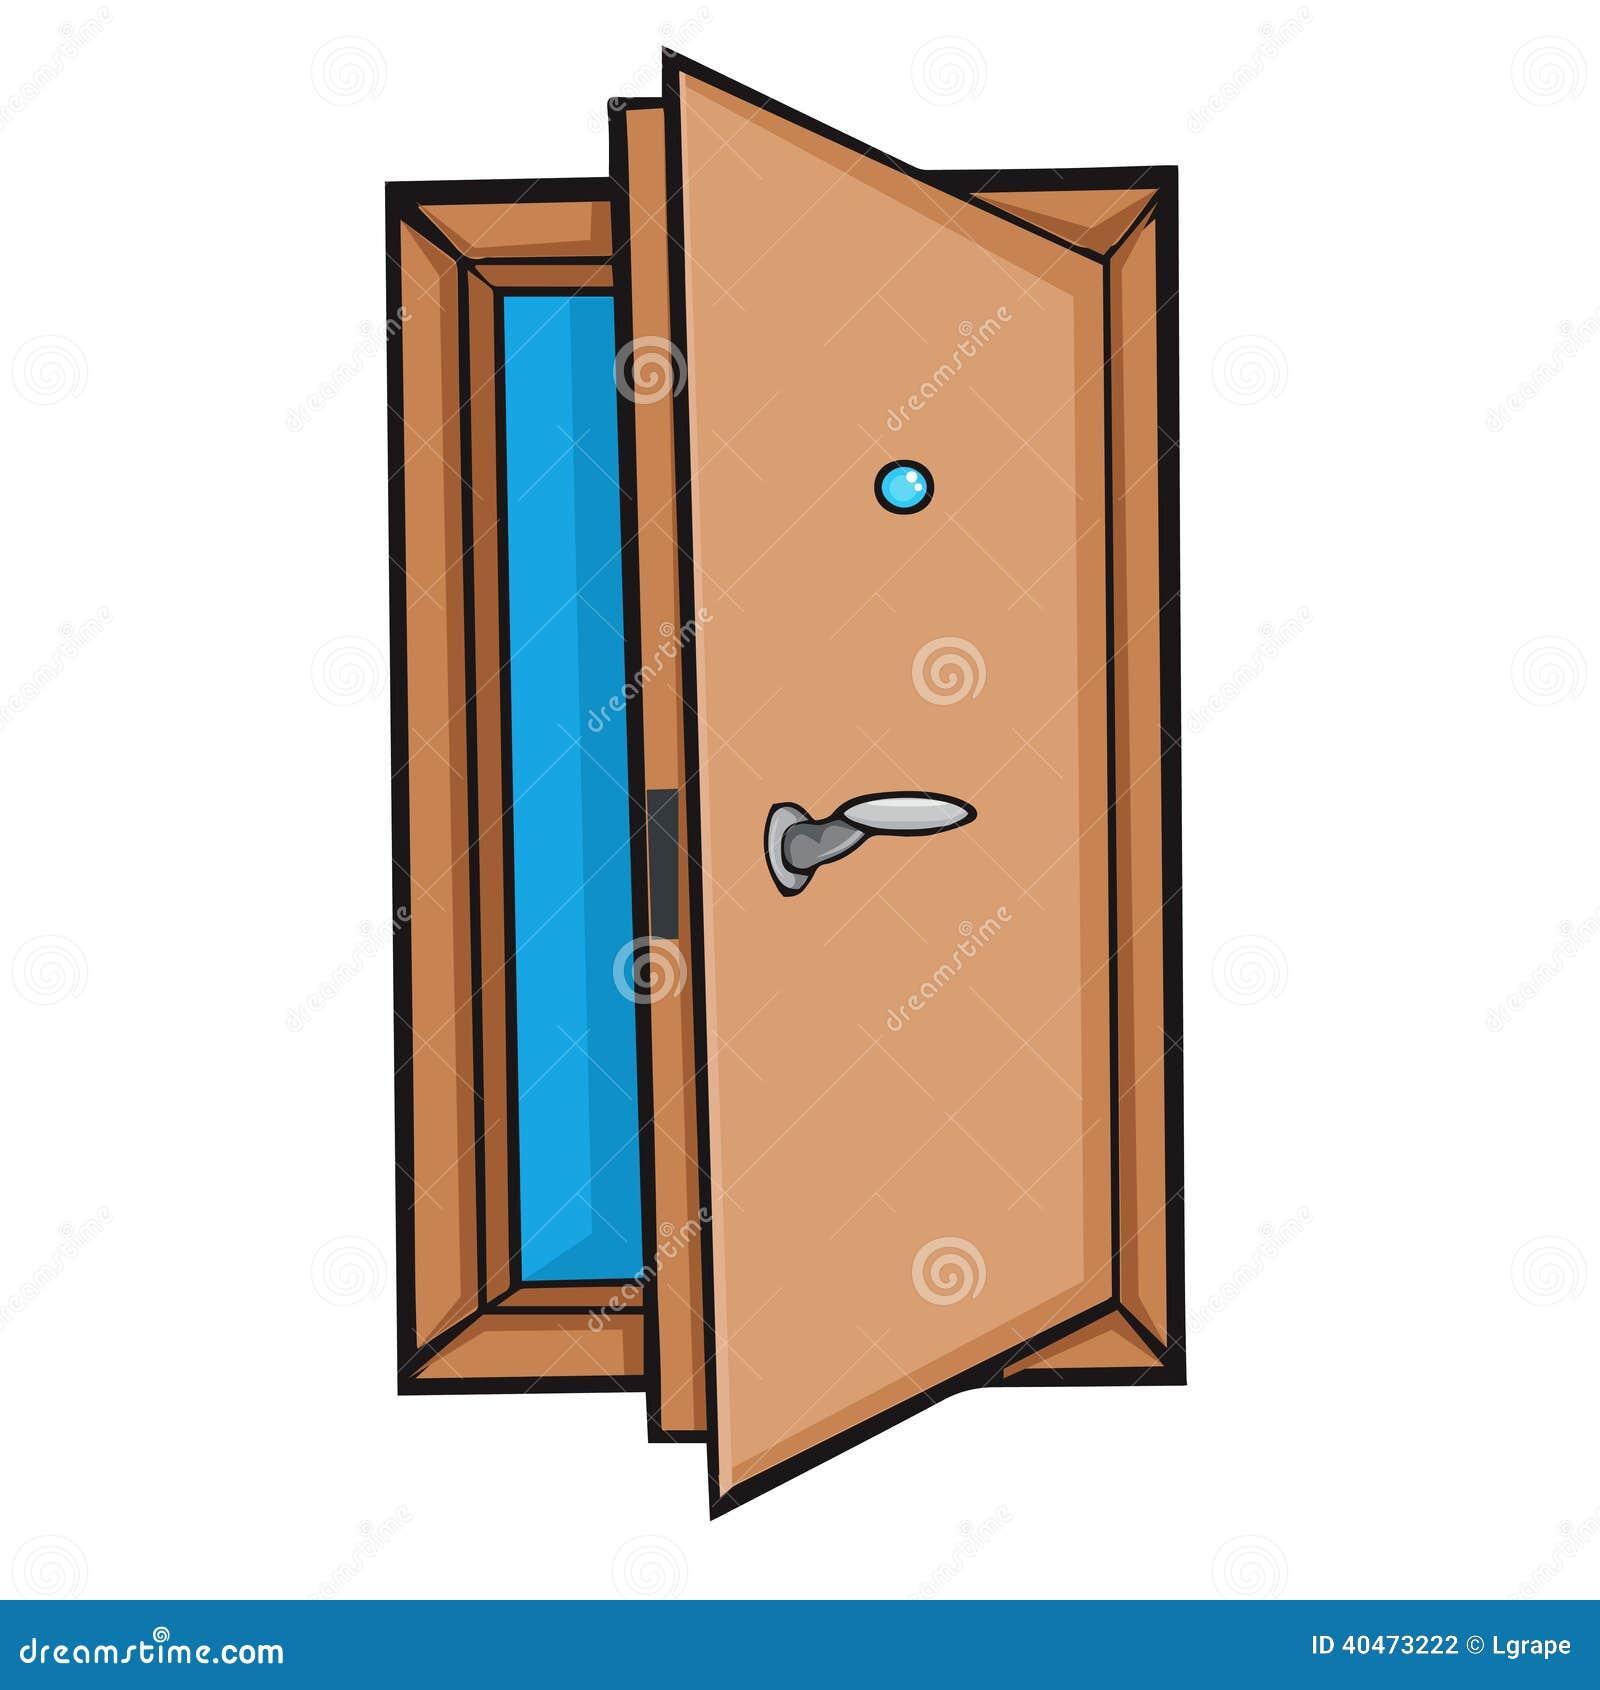 Porte ouverte style de bande dessin e illustration de vecteur image 40473222 - Animation portes ouvertes ...